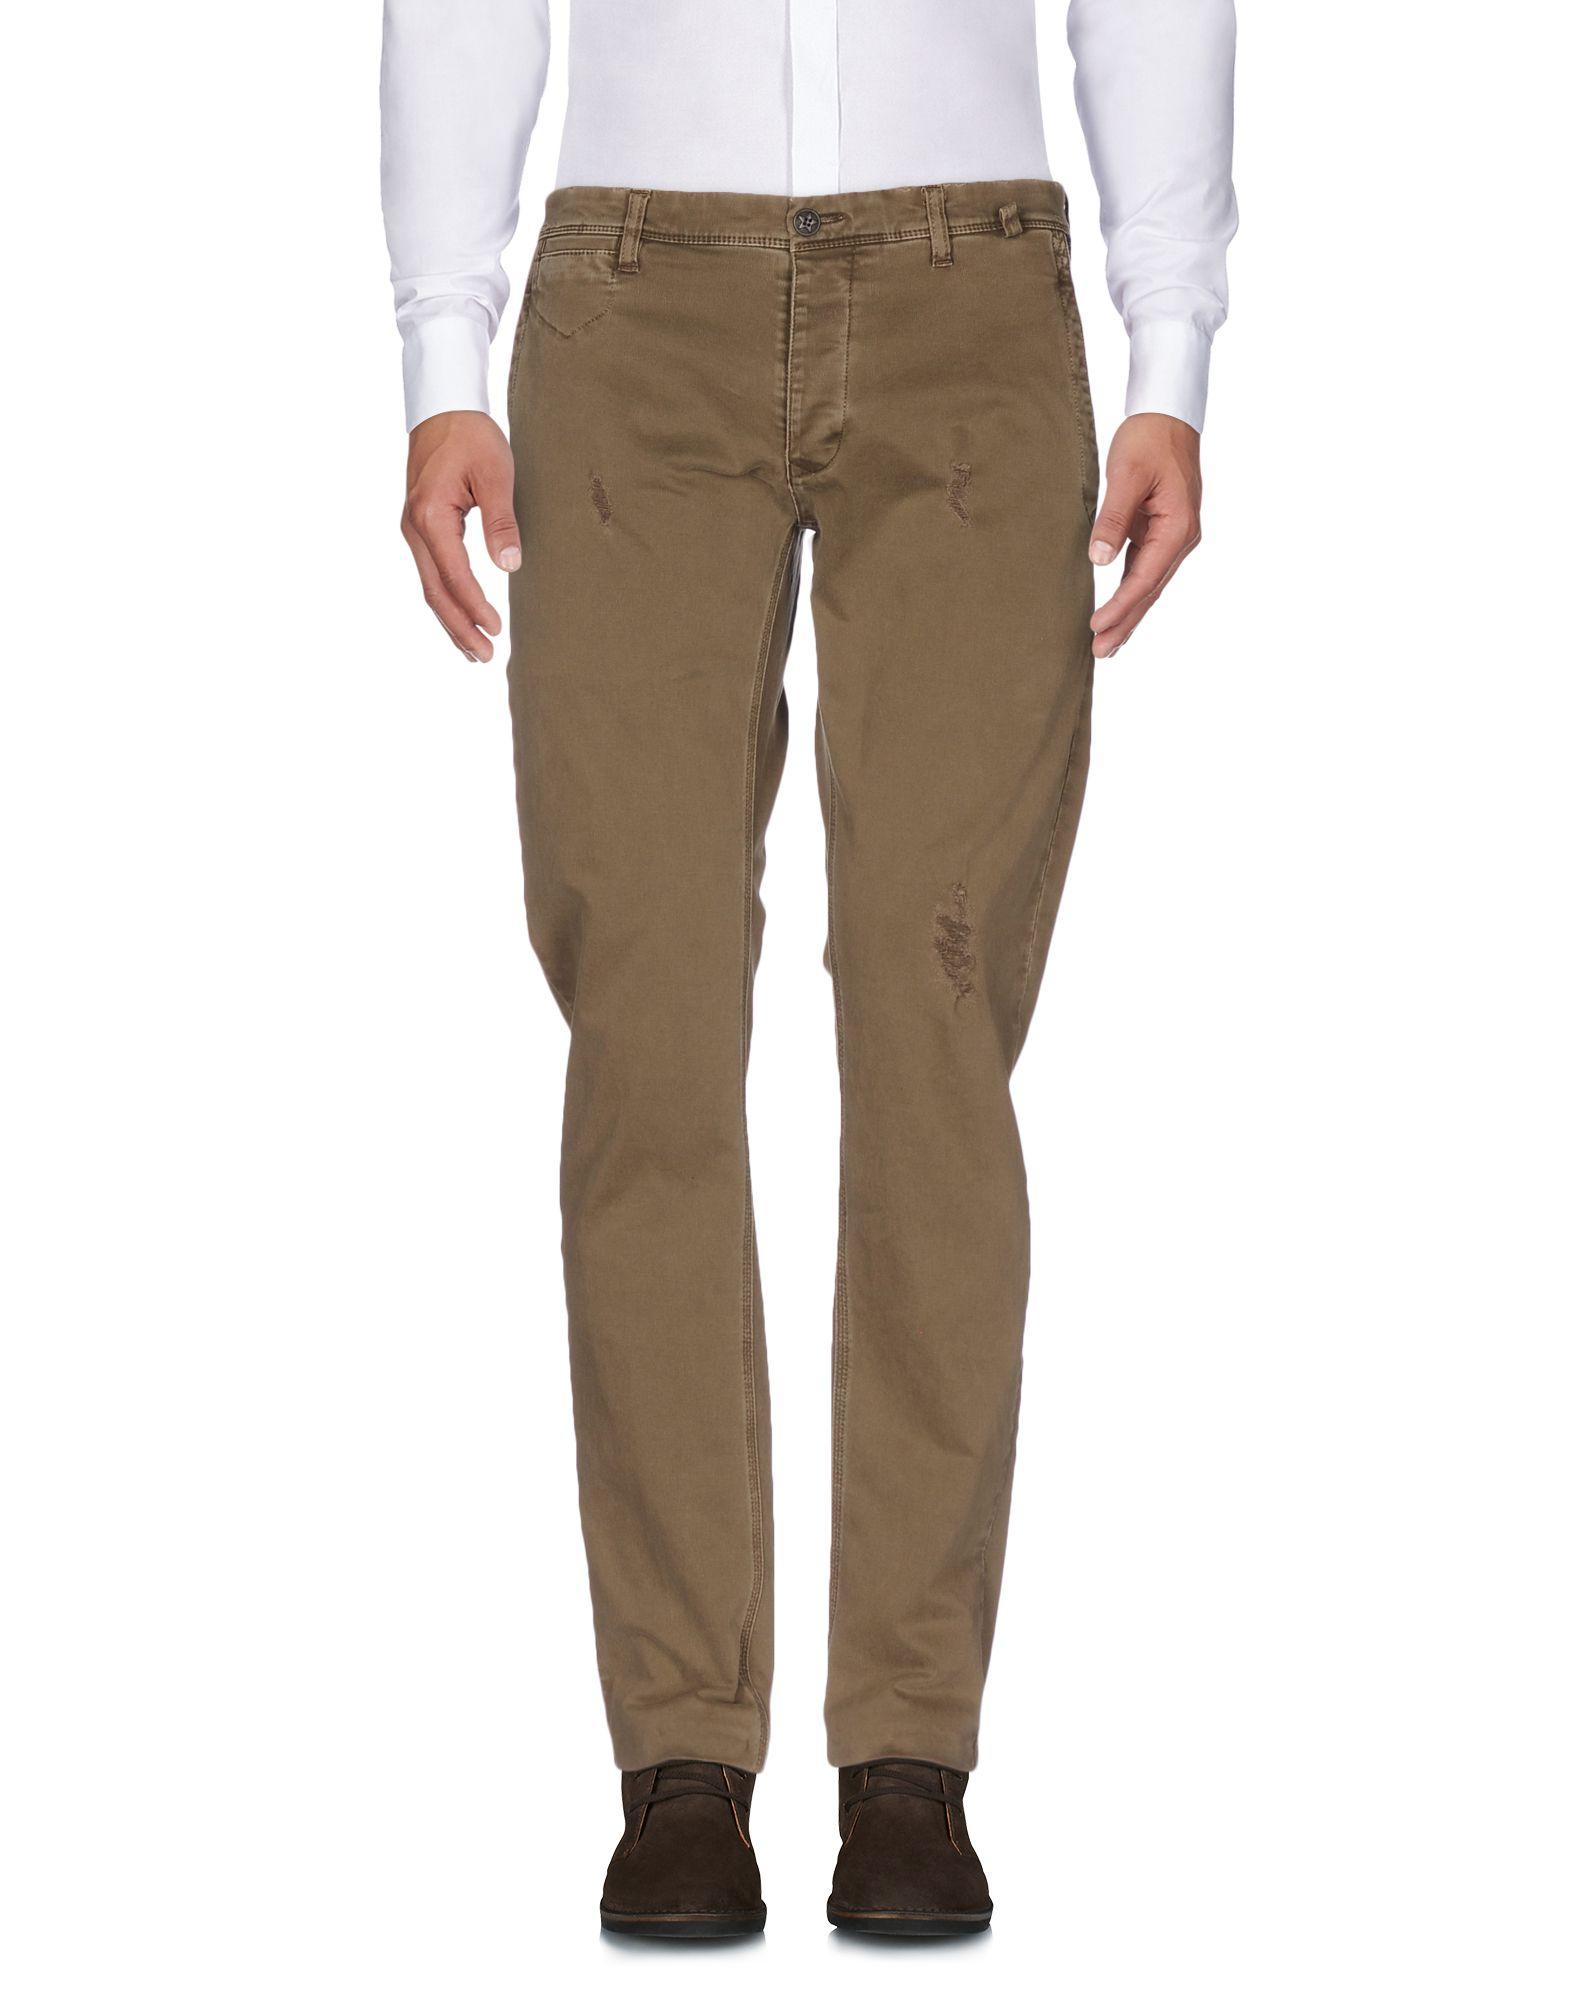 MACCHIA J Повседневные брюки 19 70 genuine wear повседневные брюки